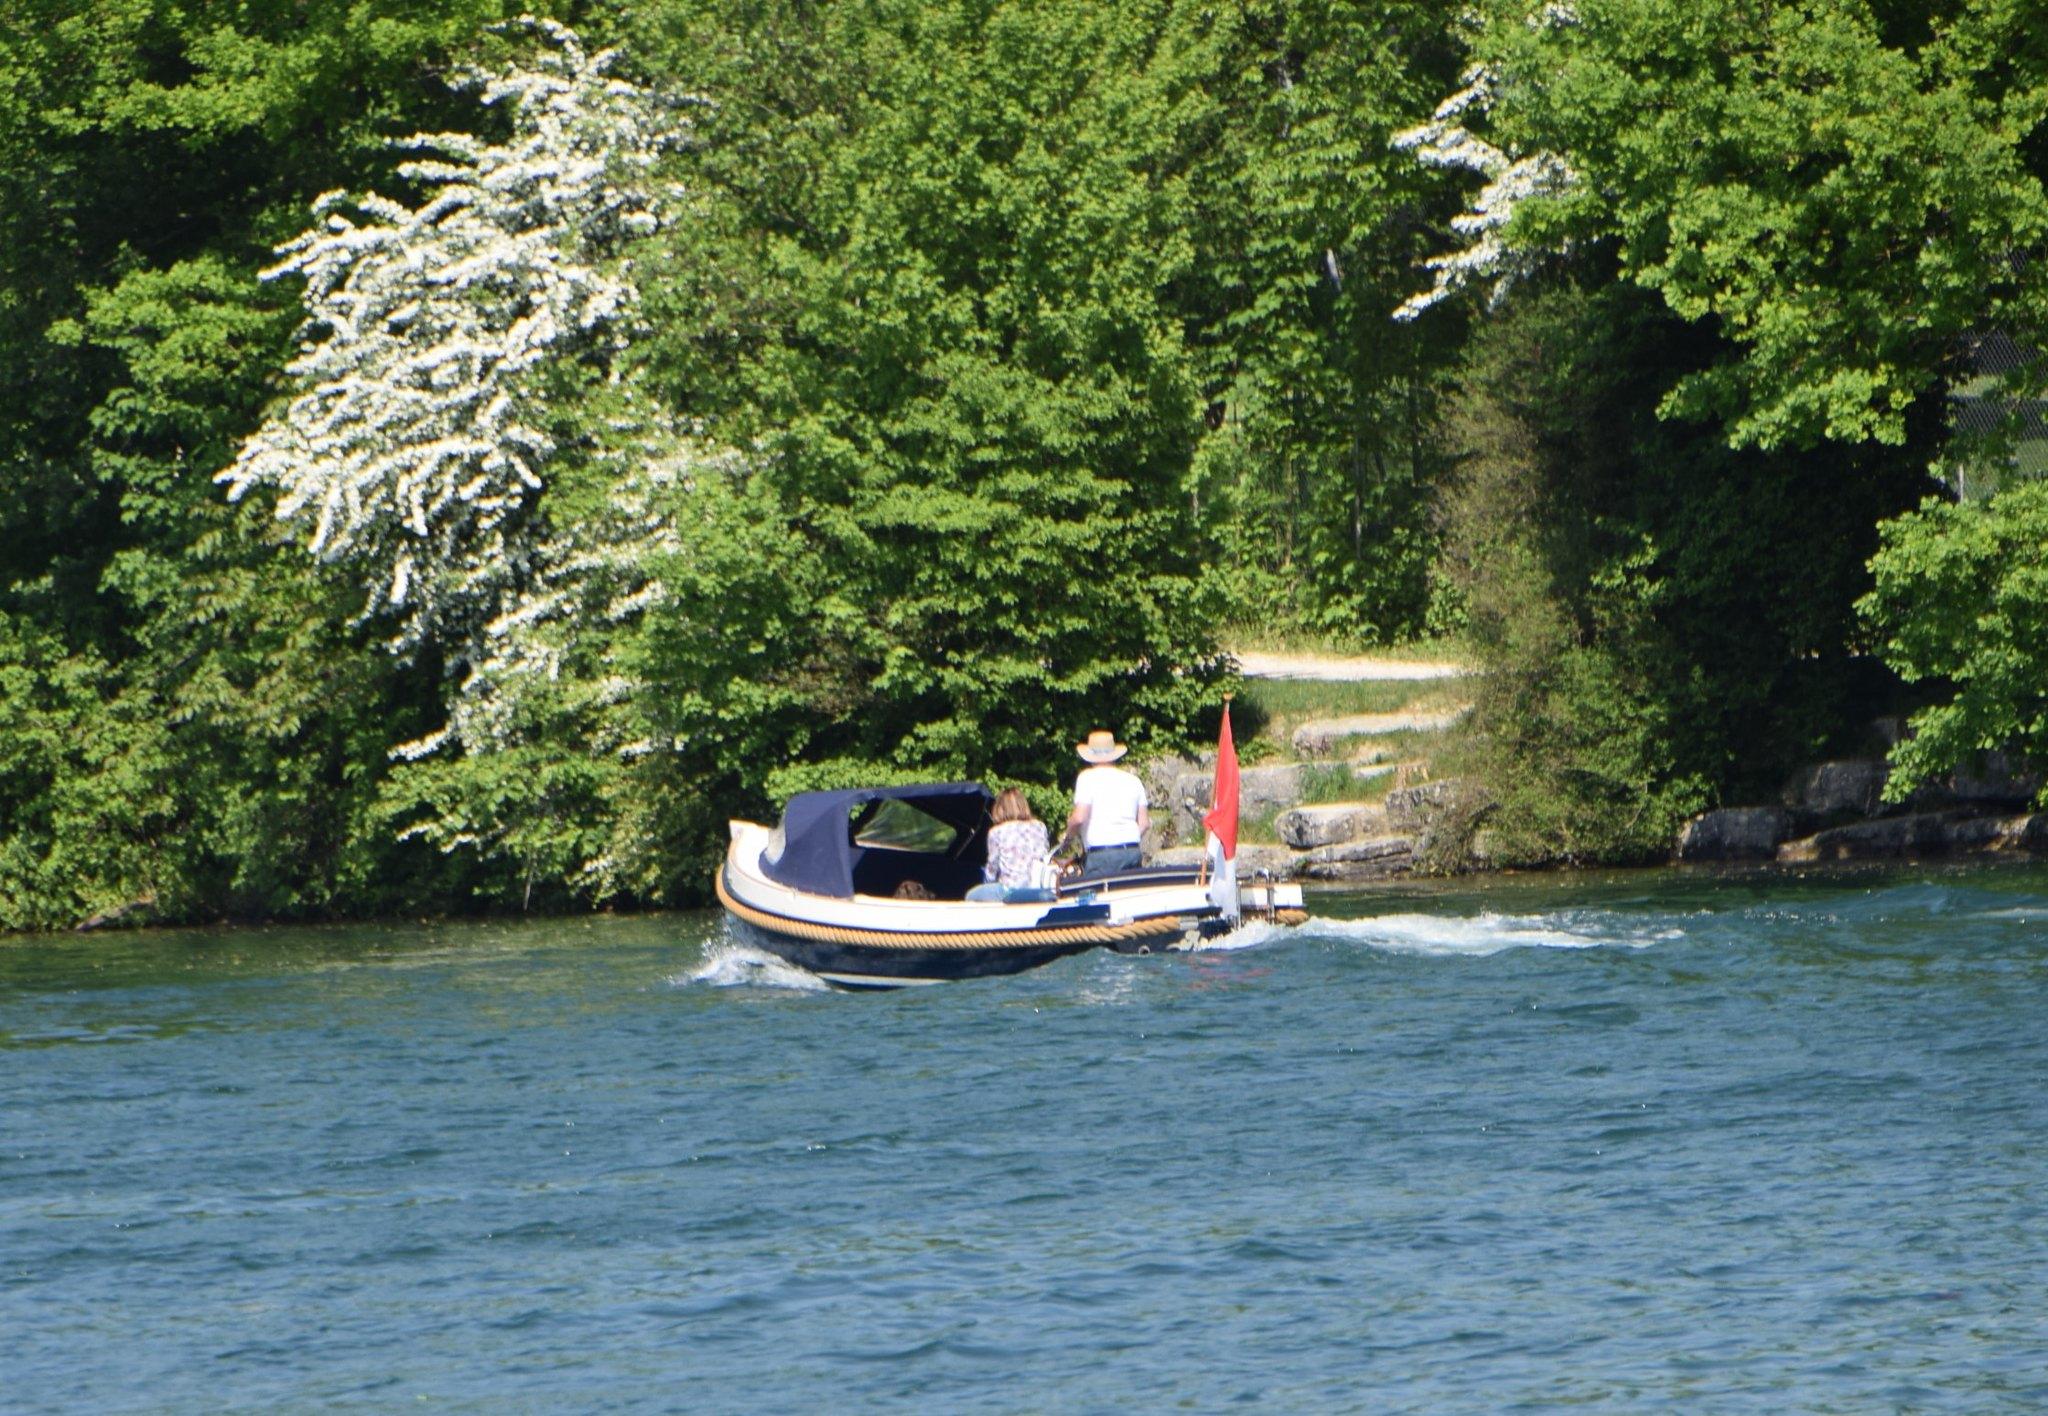 River Aare 06.05 (7)